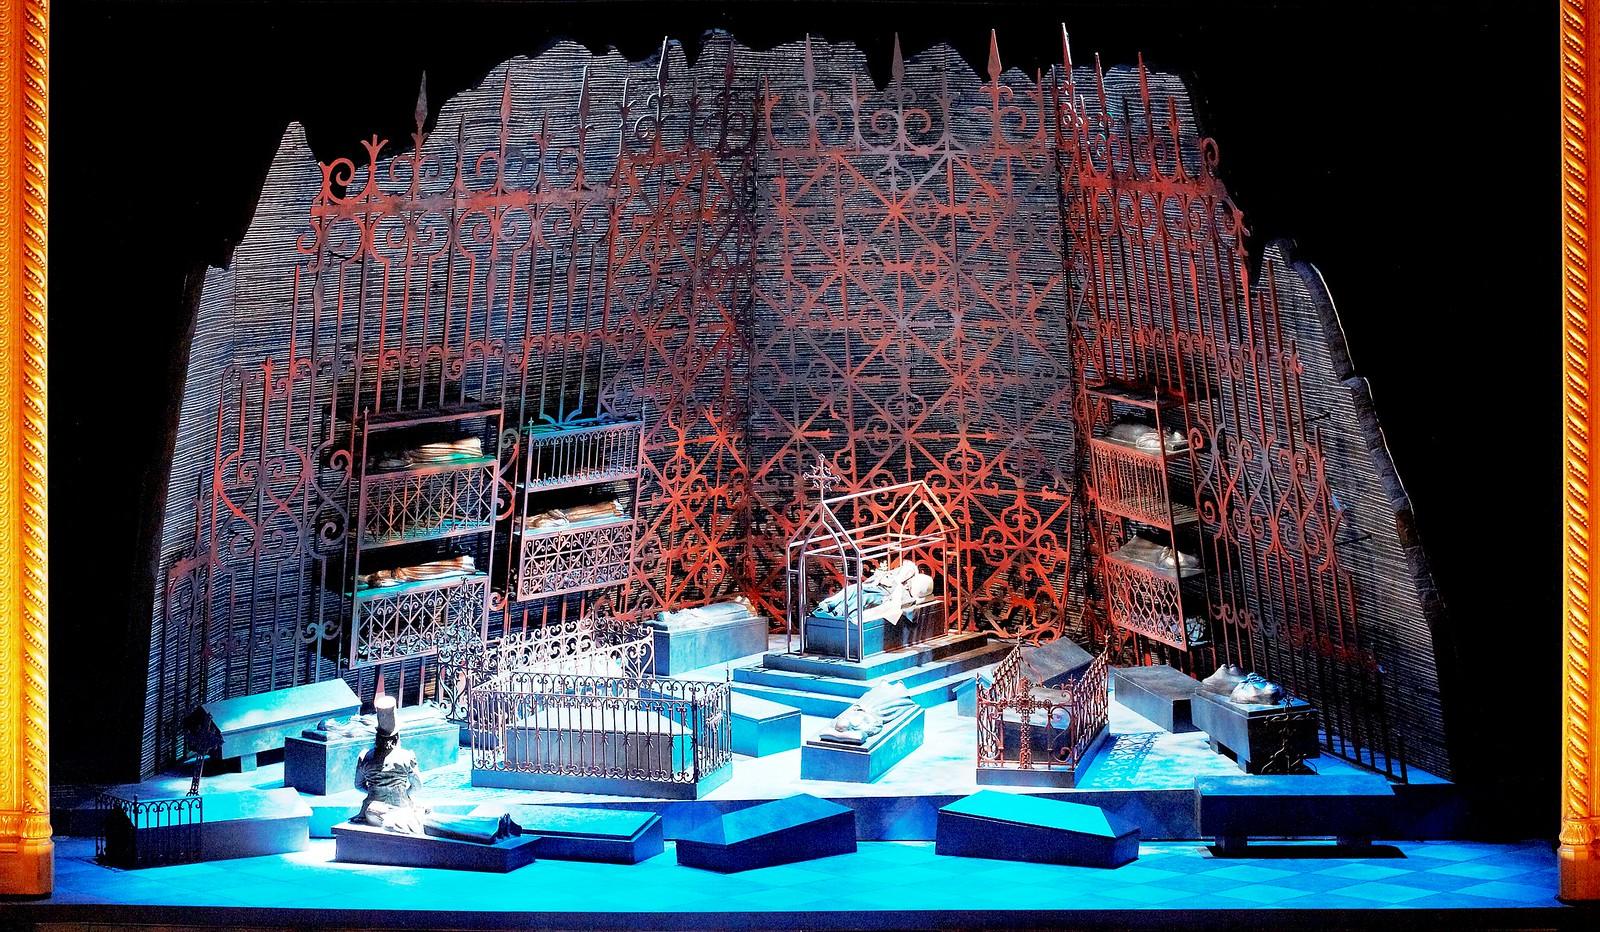 Royal Opera House - Robert le diable Act III Crypt Set